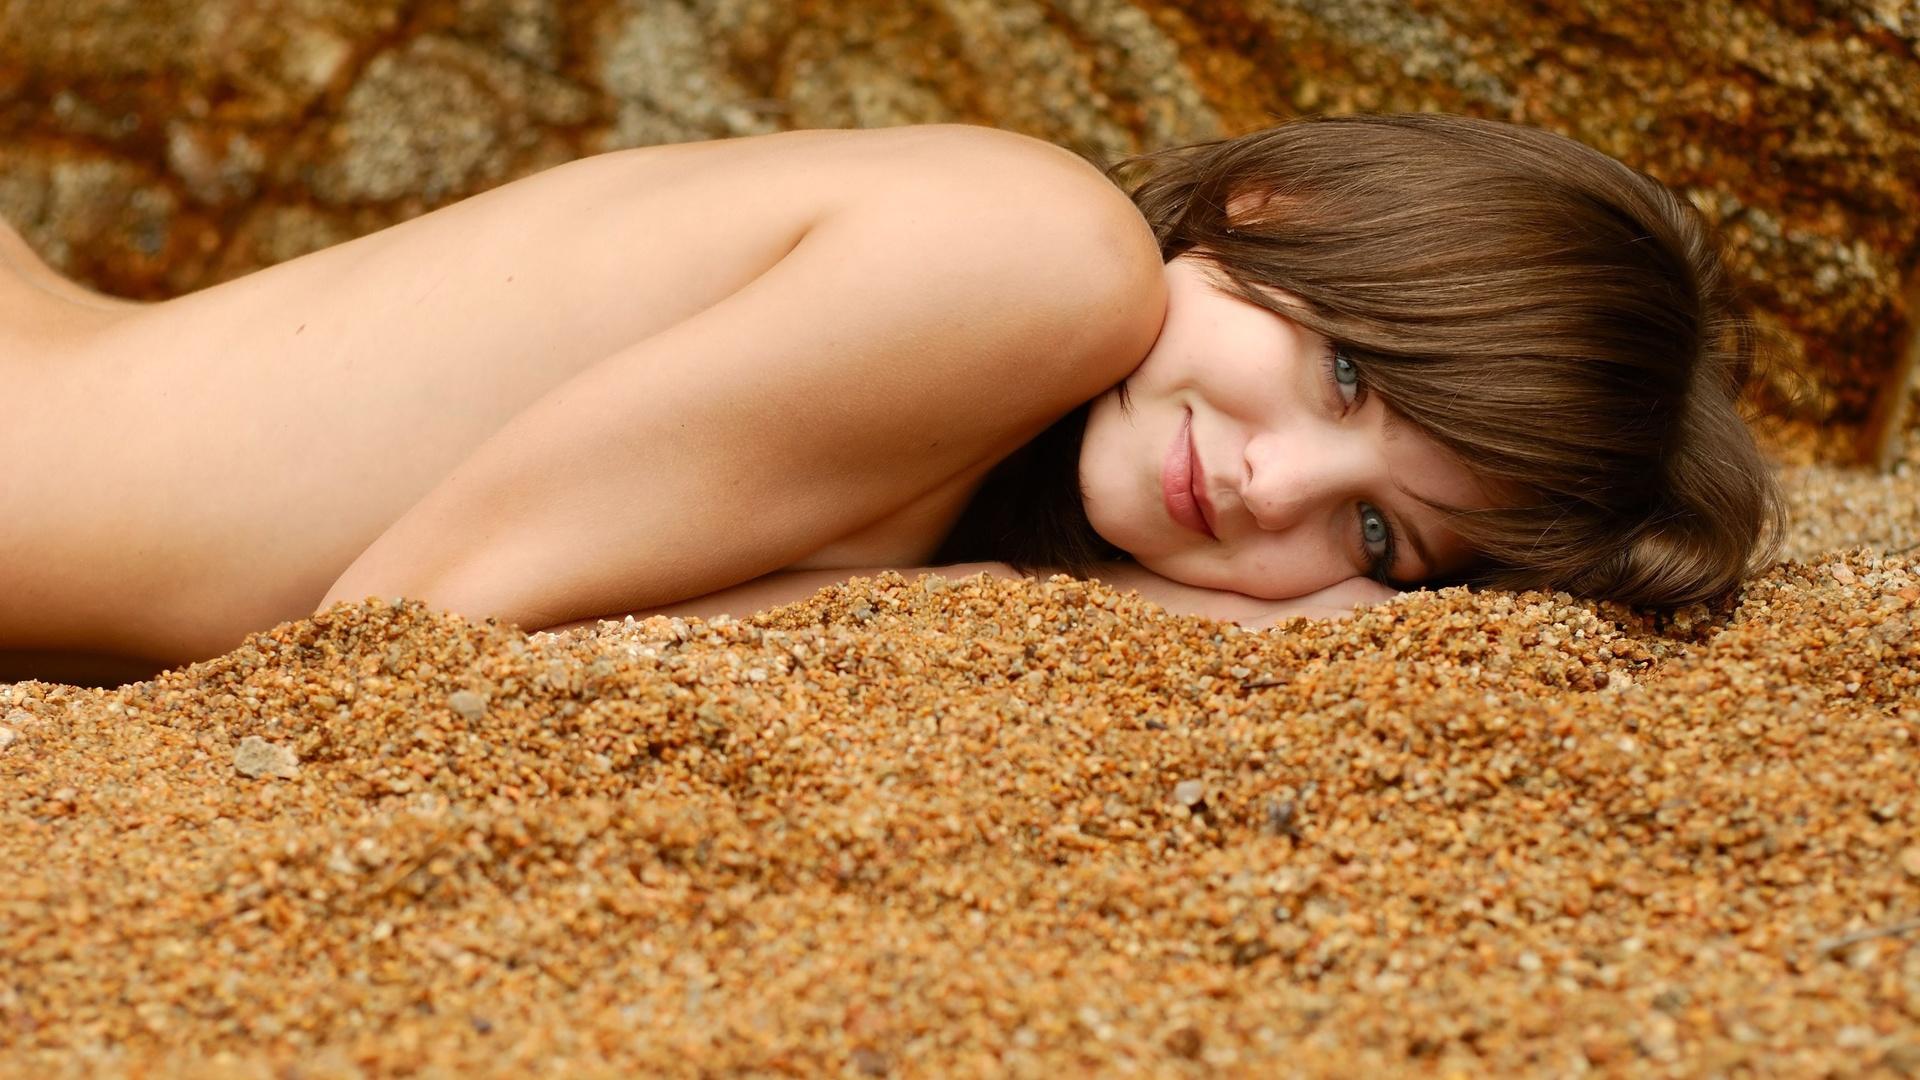 Частная съемка голых женщин, Бесплатное онлайн порно фото, секс фото, частное 22 фотография